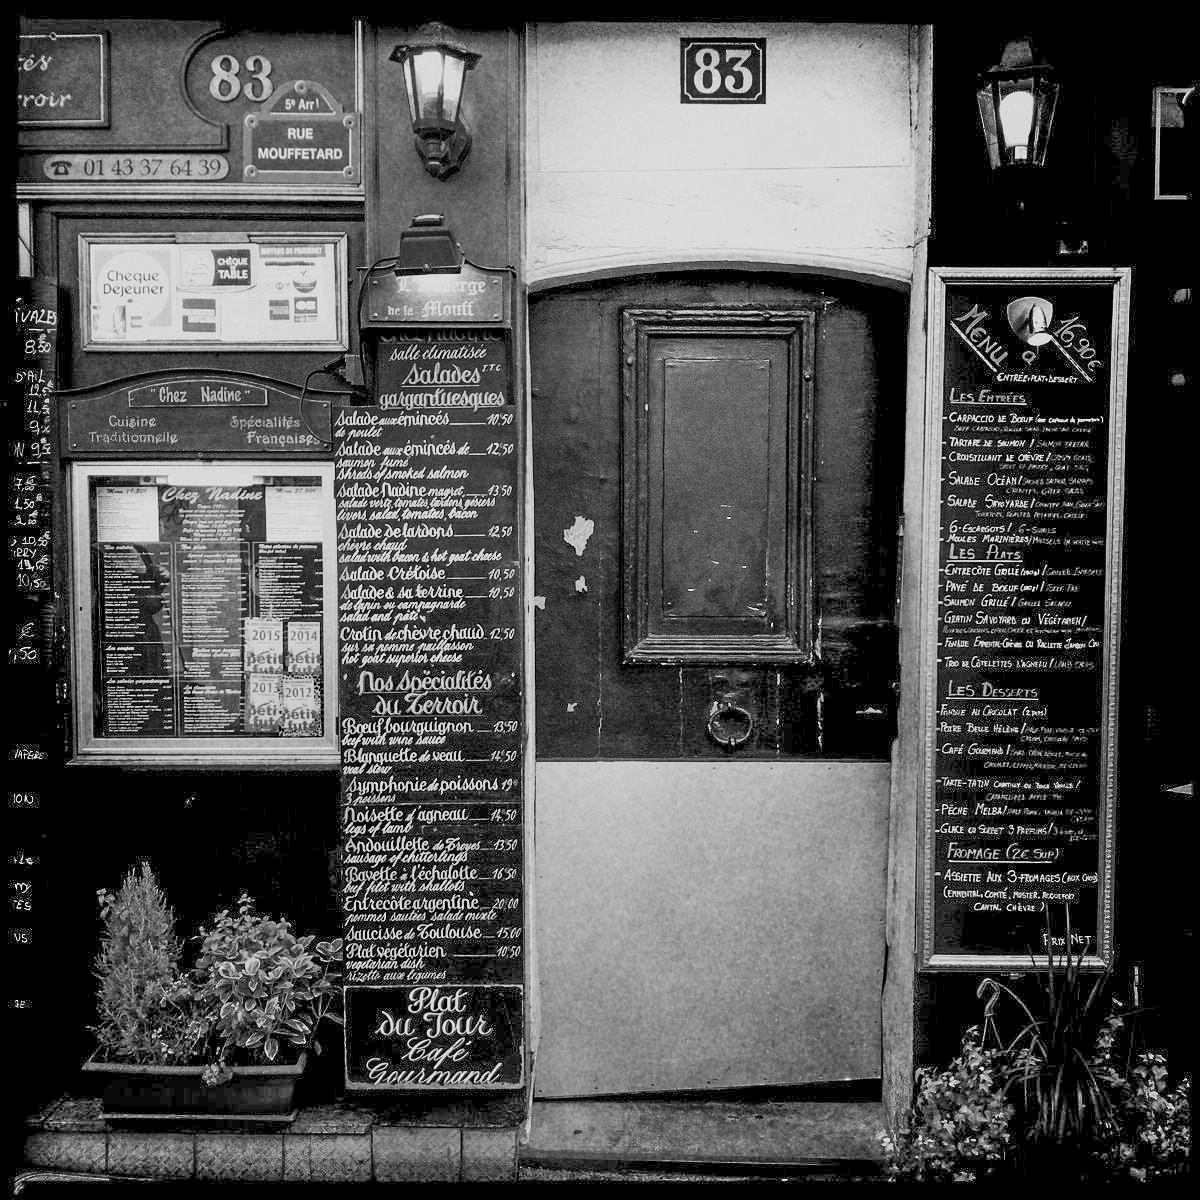 Speisekarte eines Restaurants in der Rue Mouffetard in Paris